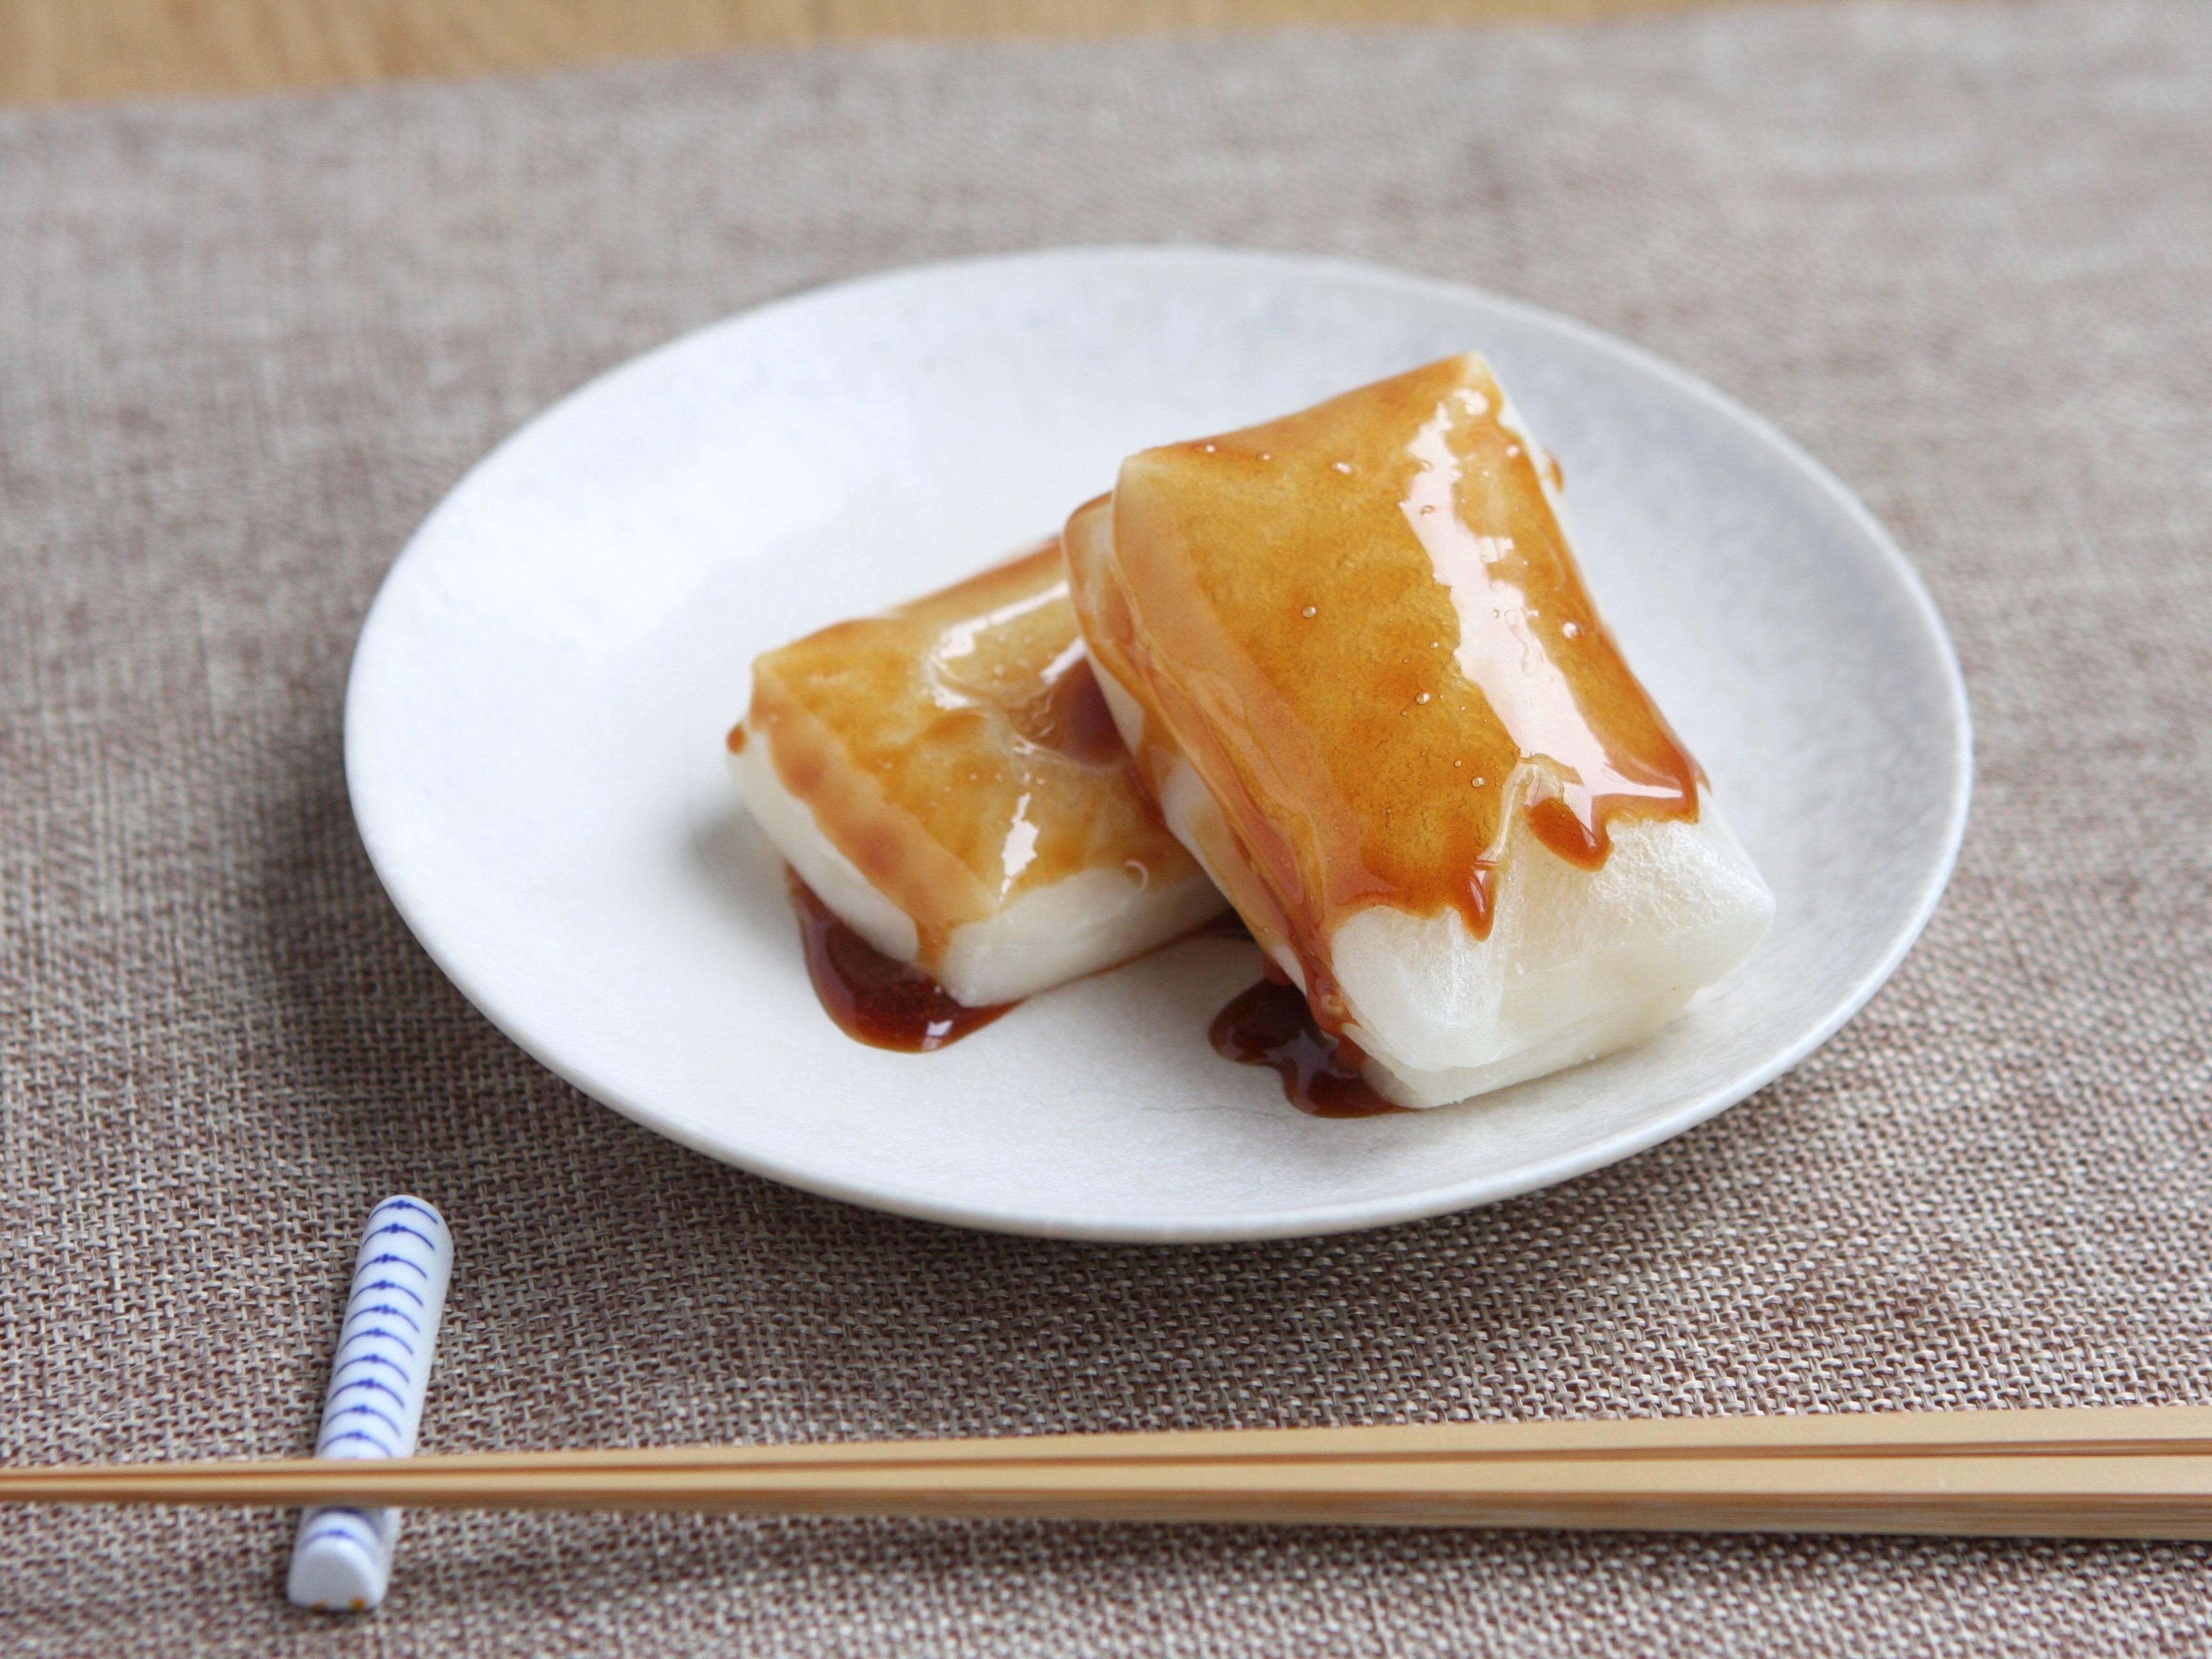 メープル醤油の焼き餅